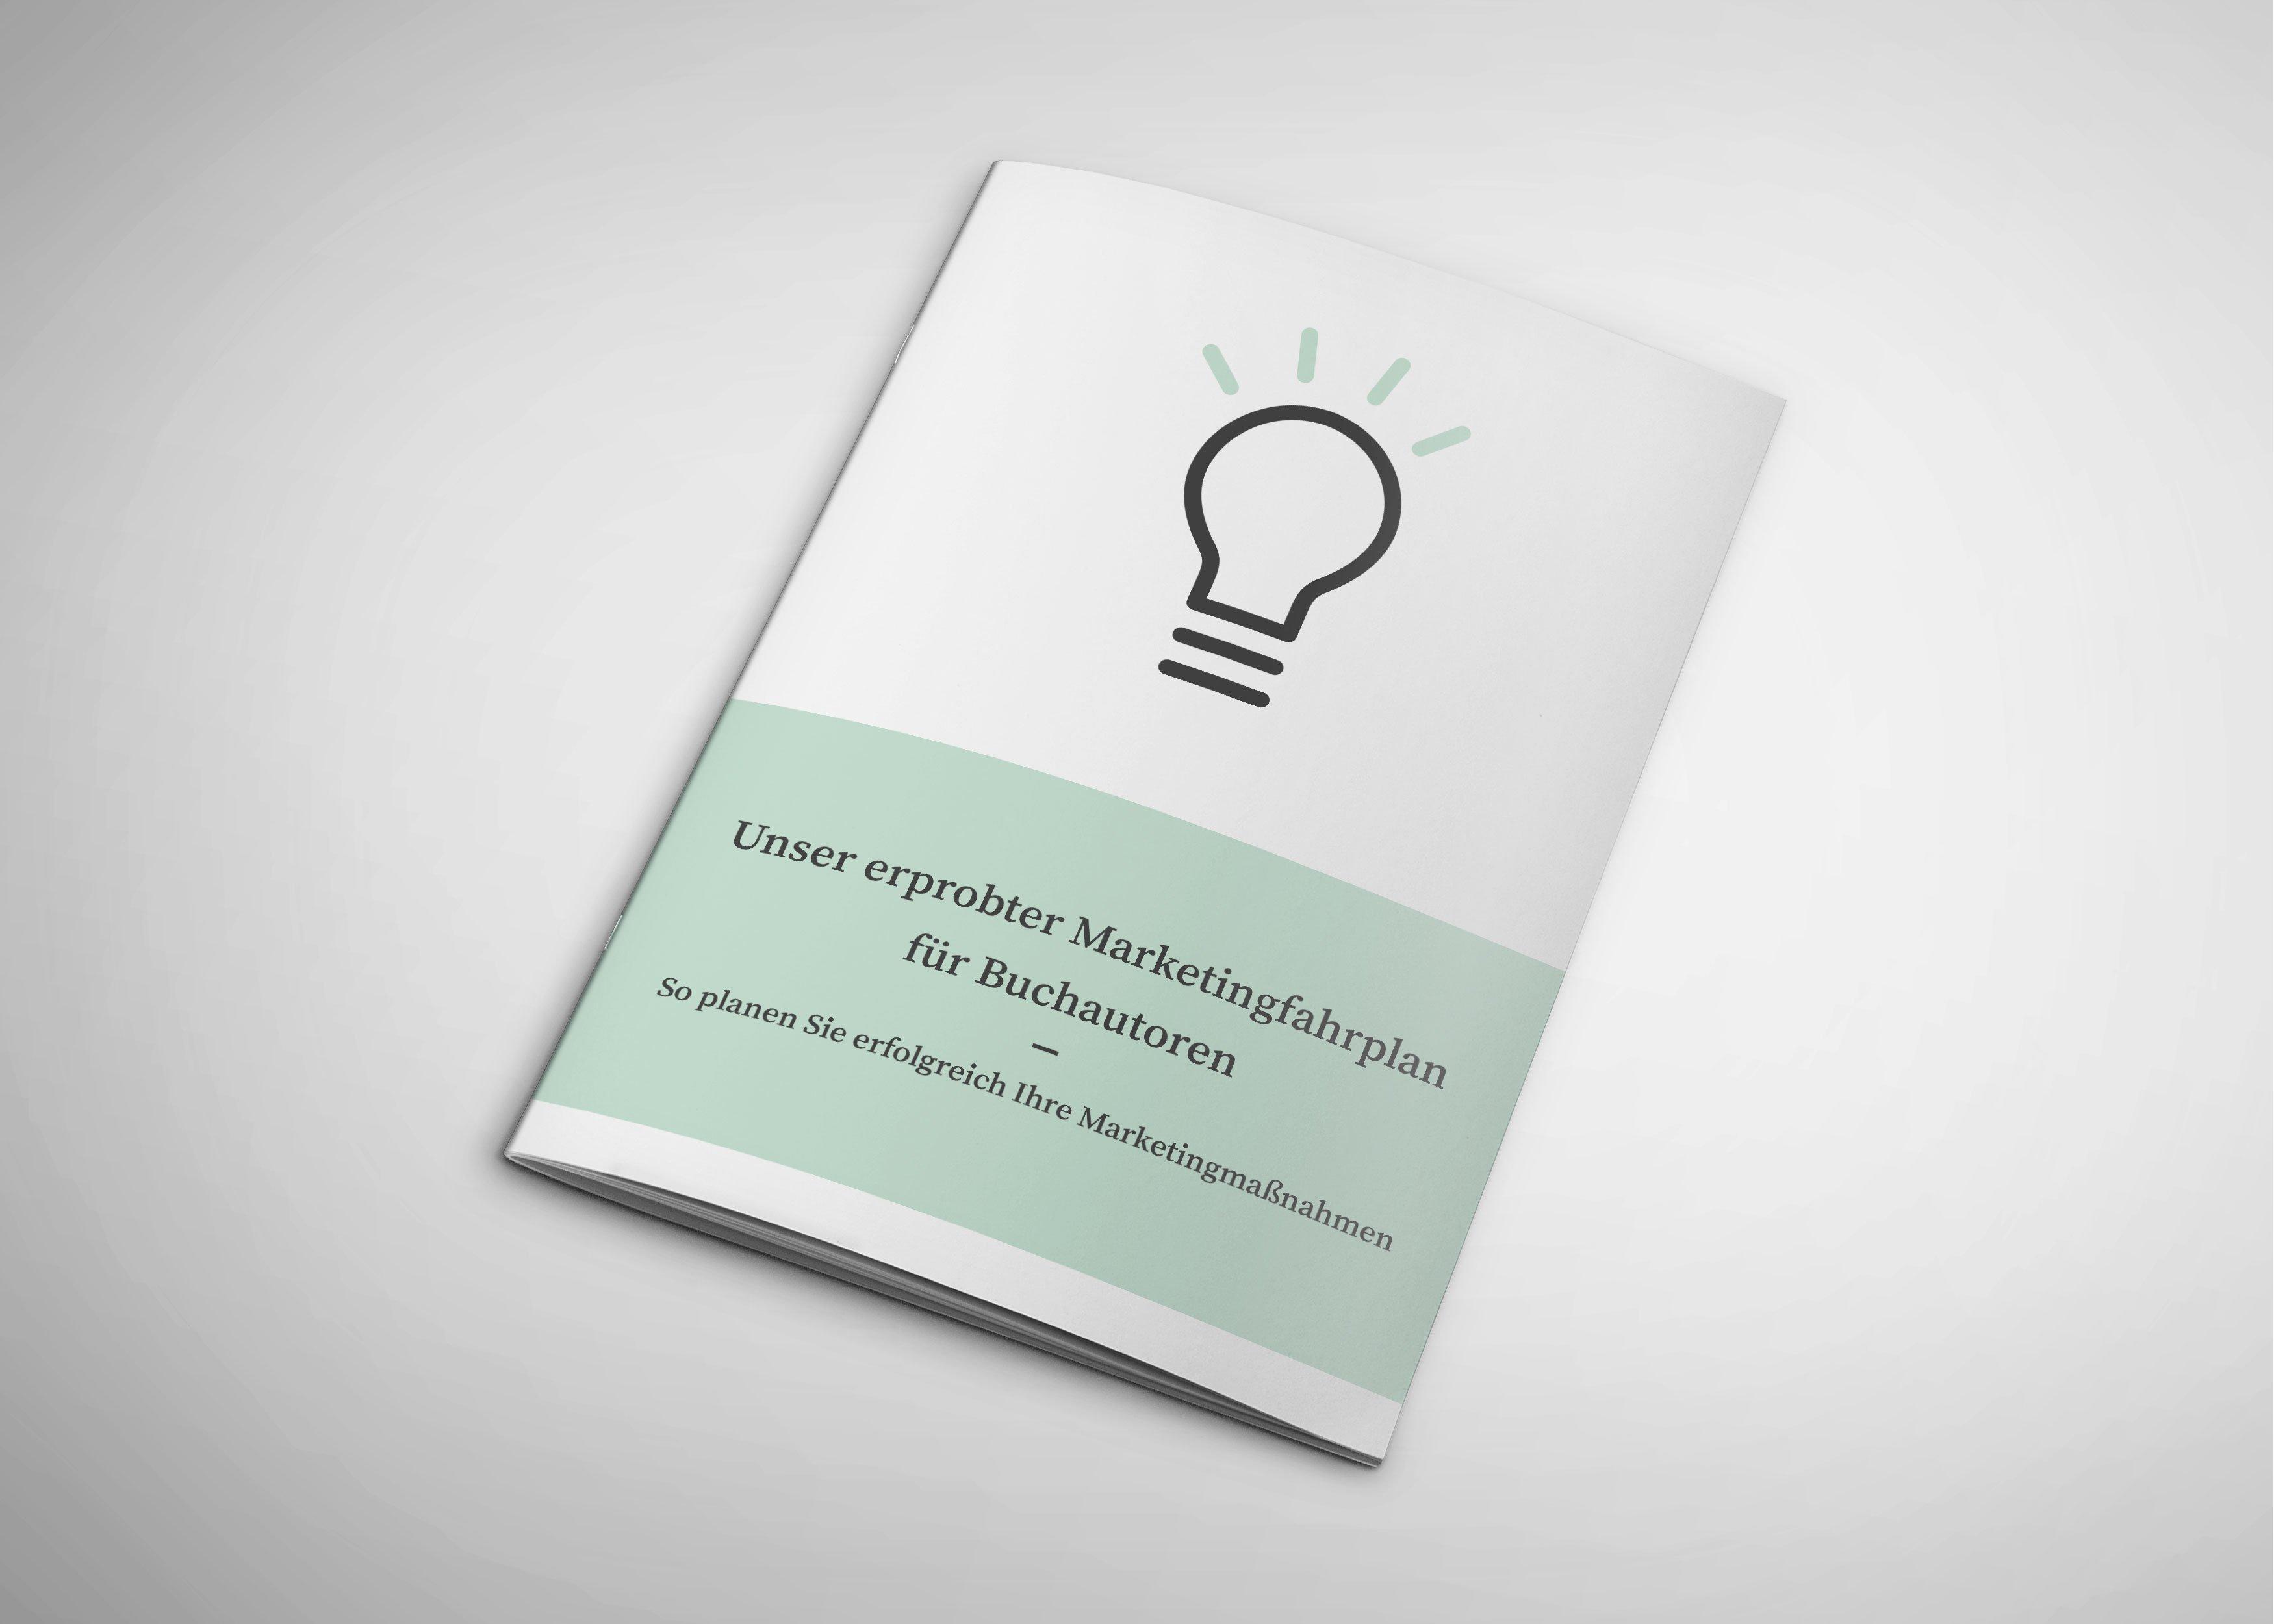 Ausgezeichnet Buch Marketing Plan Vorlage Zeitgenössisch ...